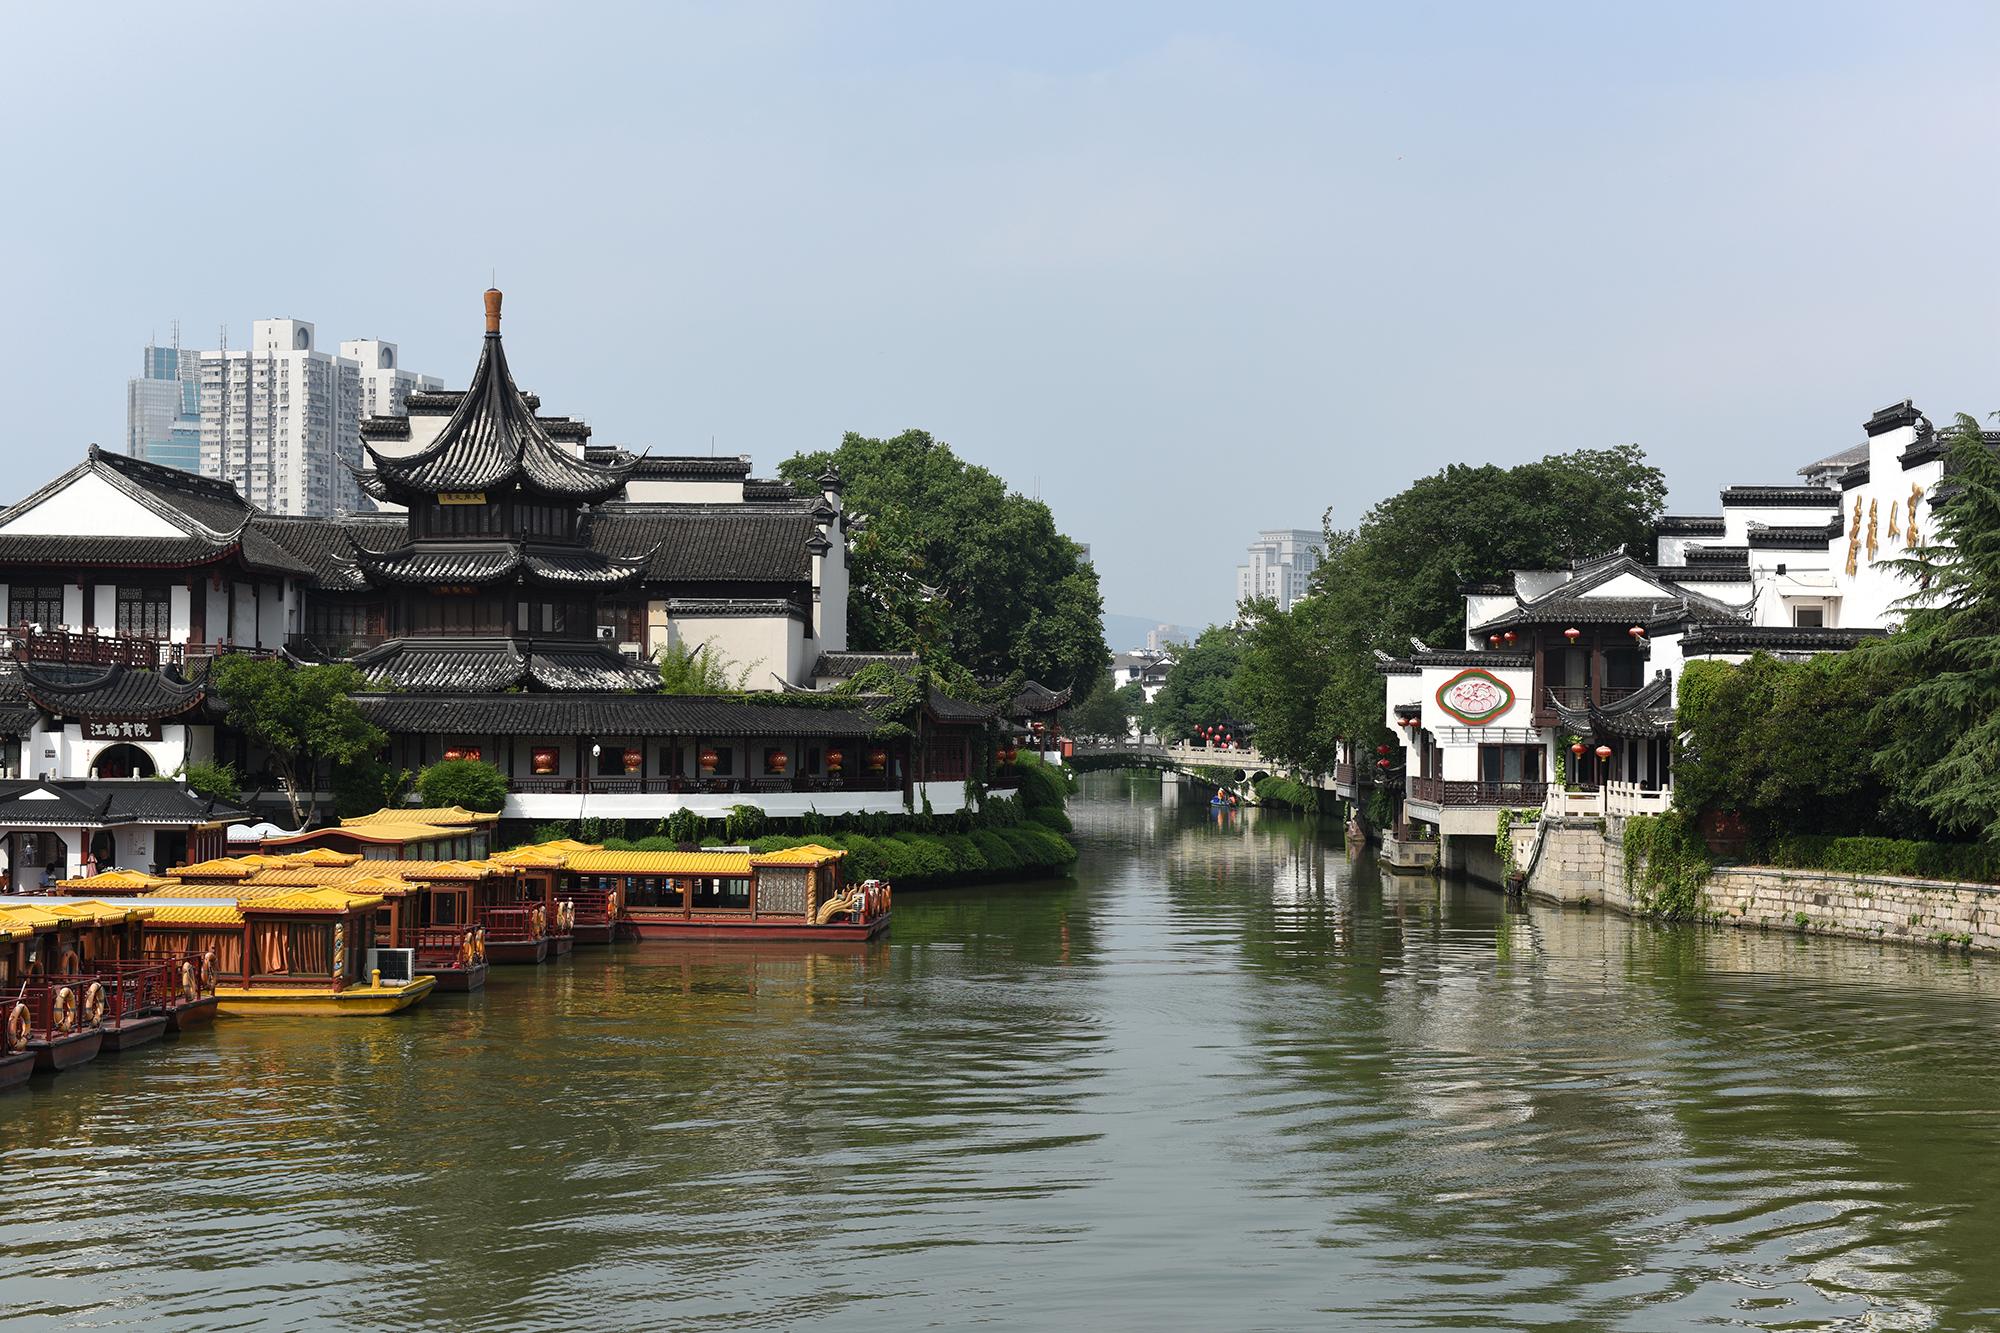 南京旅游景点分布图